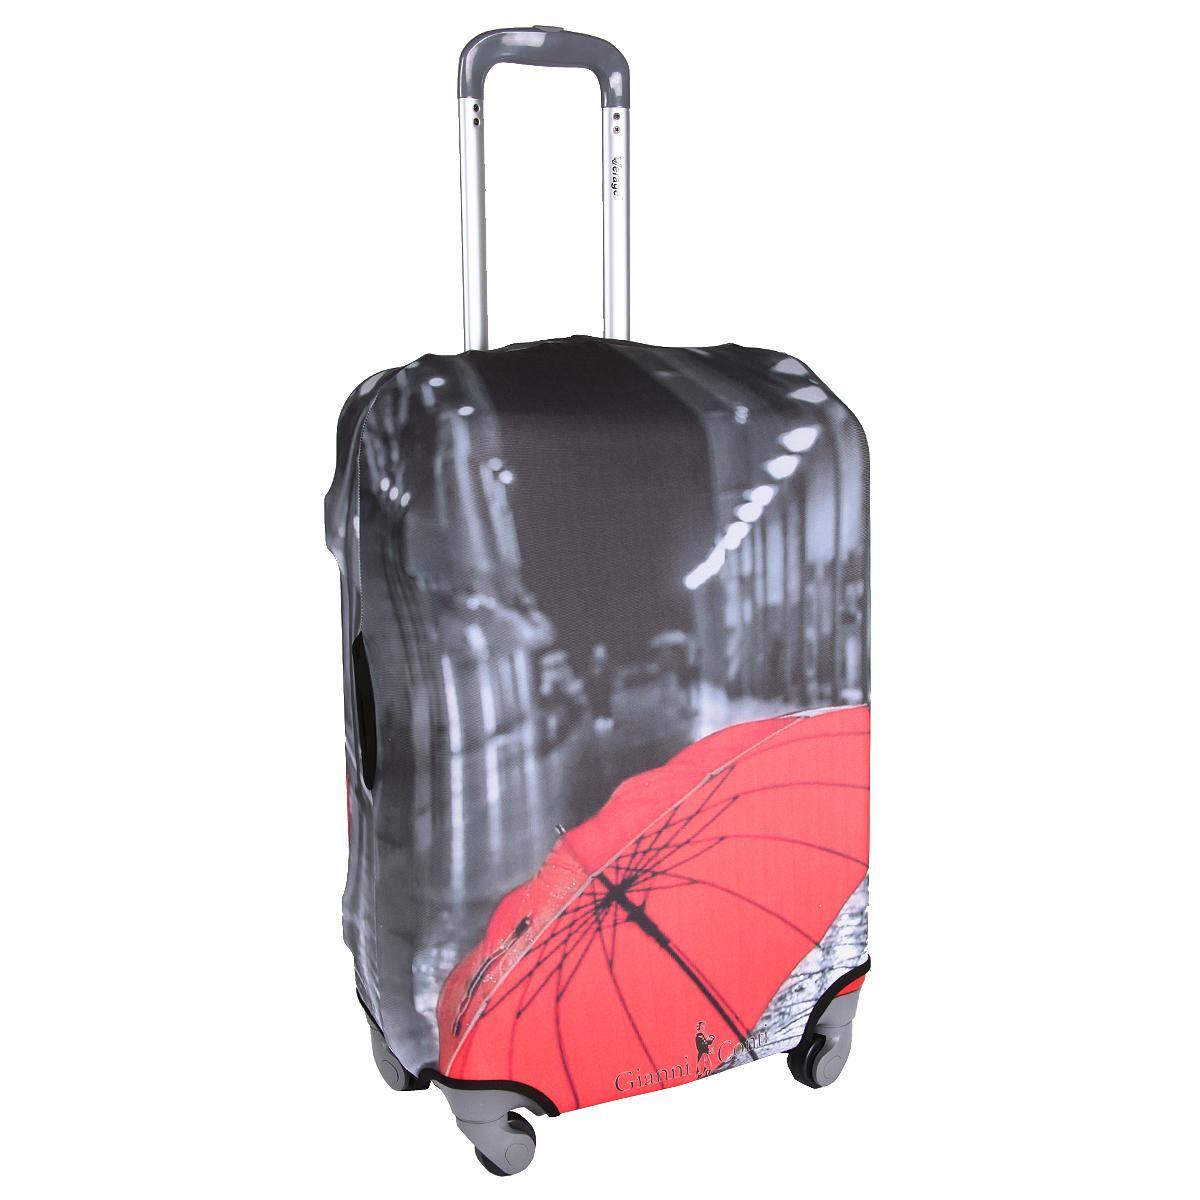 Чехол для чемодана средний Gianni Conti арт.9001 M